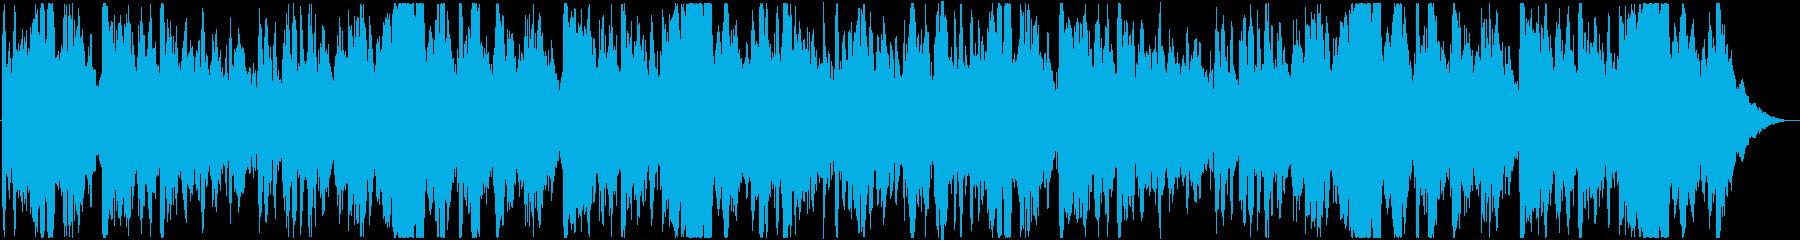 ドローン モンキードローン01の再生済みの波形